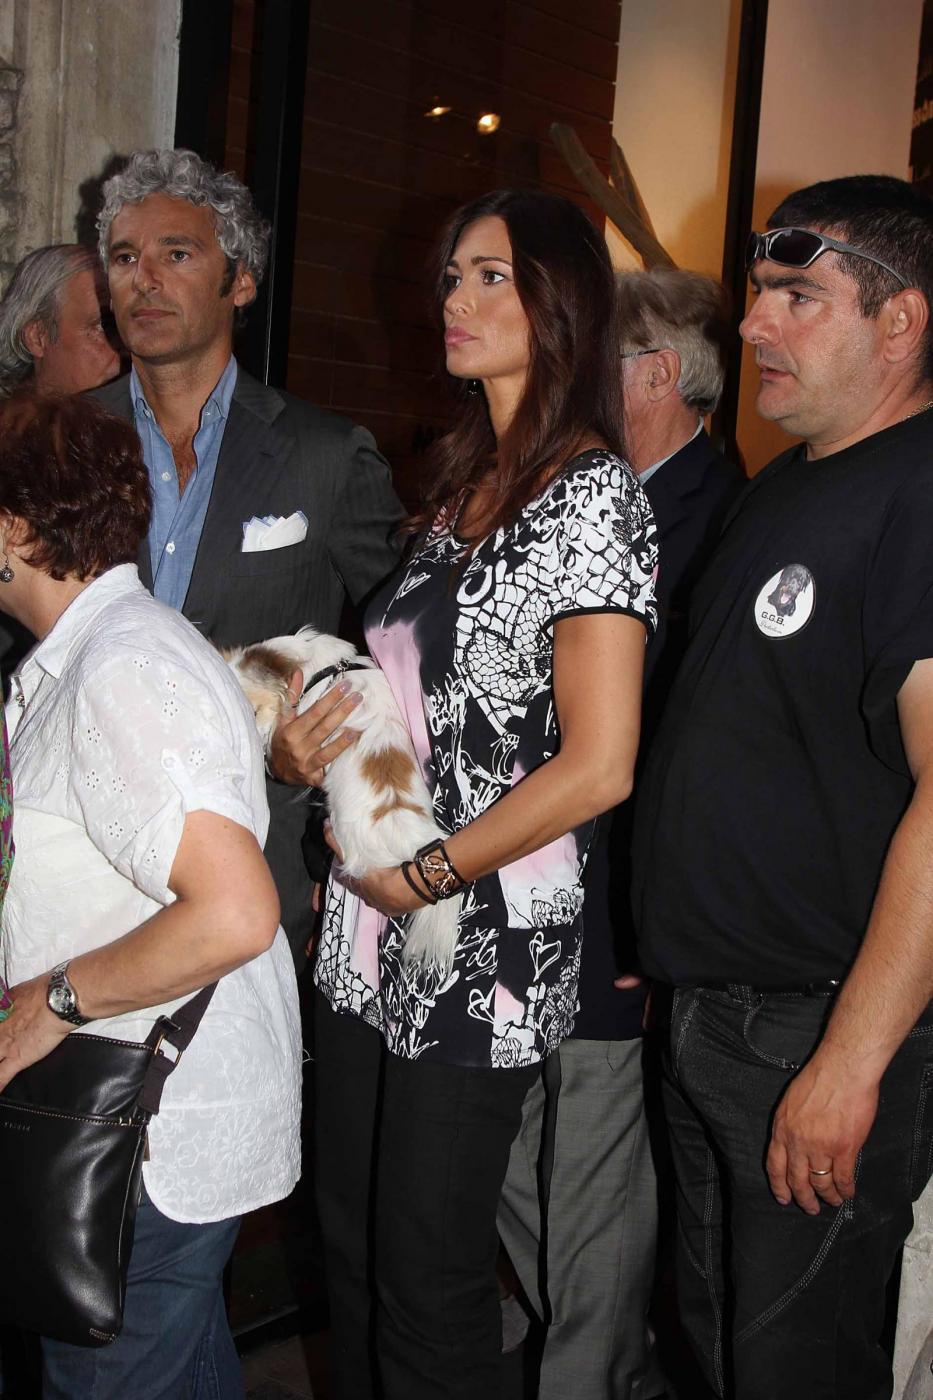 Manuela Arcuri i con il suo chihuahua02